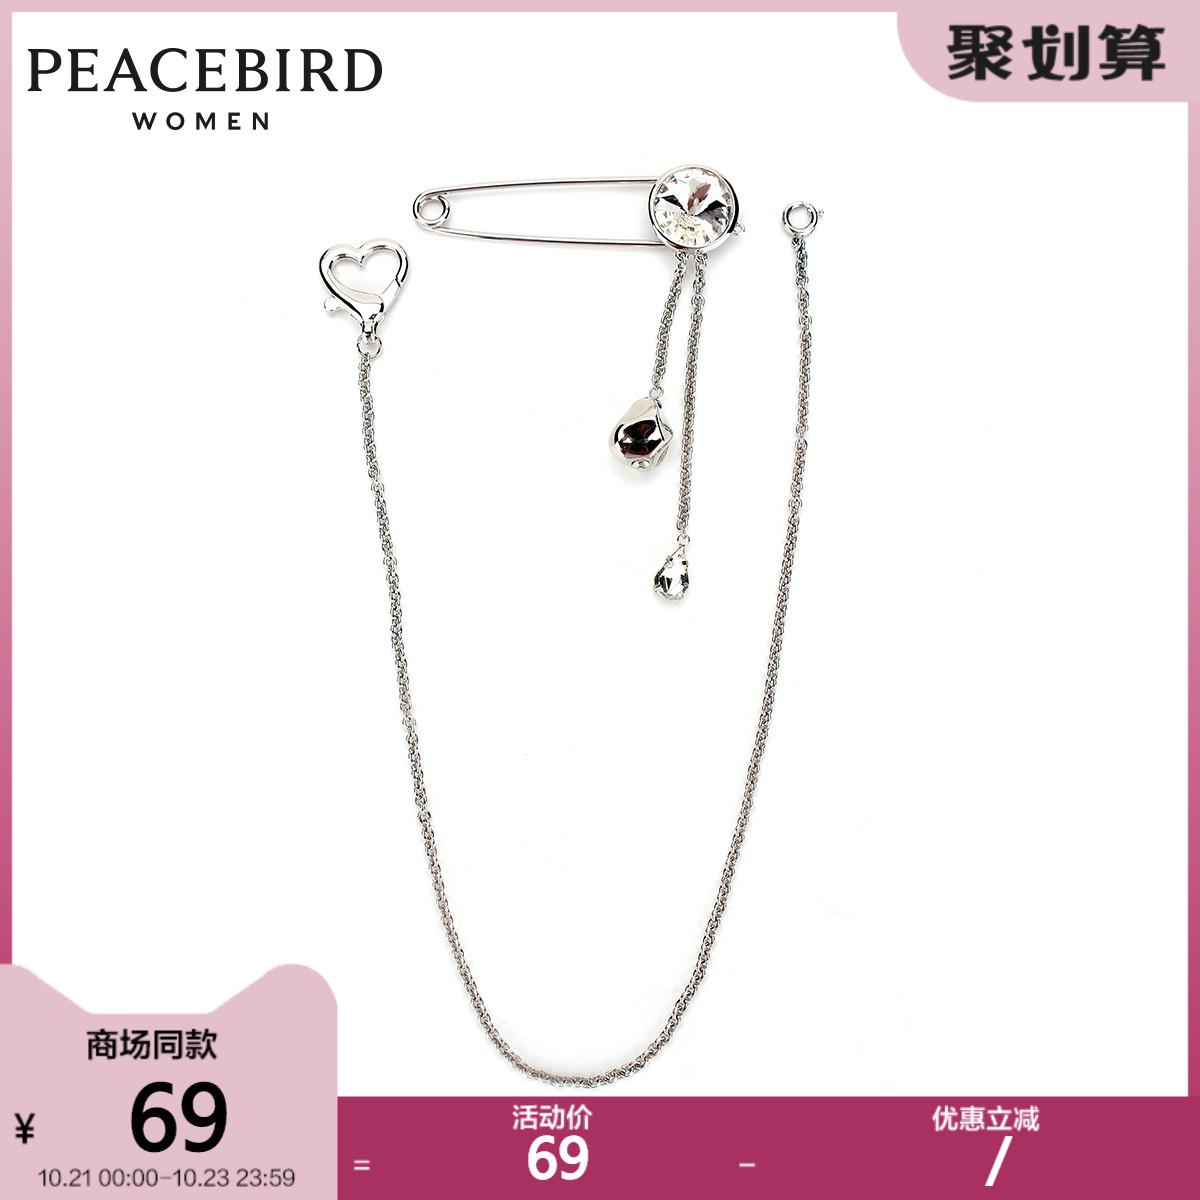 (Торговый центр же) Taiping Bird 2020 зимой новая мода металлической цепи ювелирных изделий A9YHA4809.